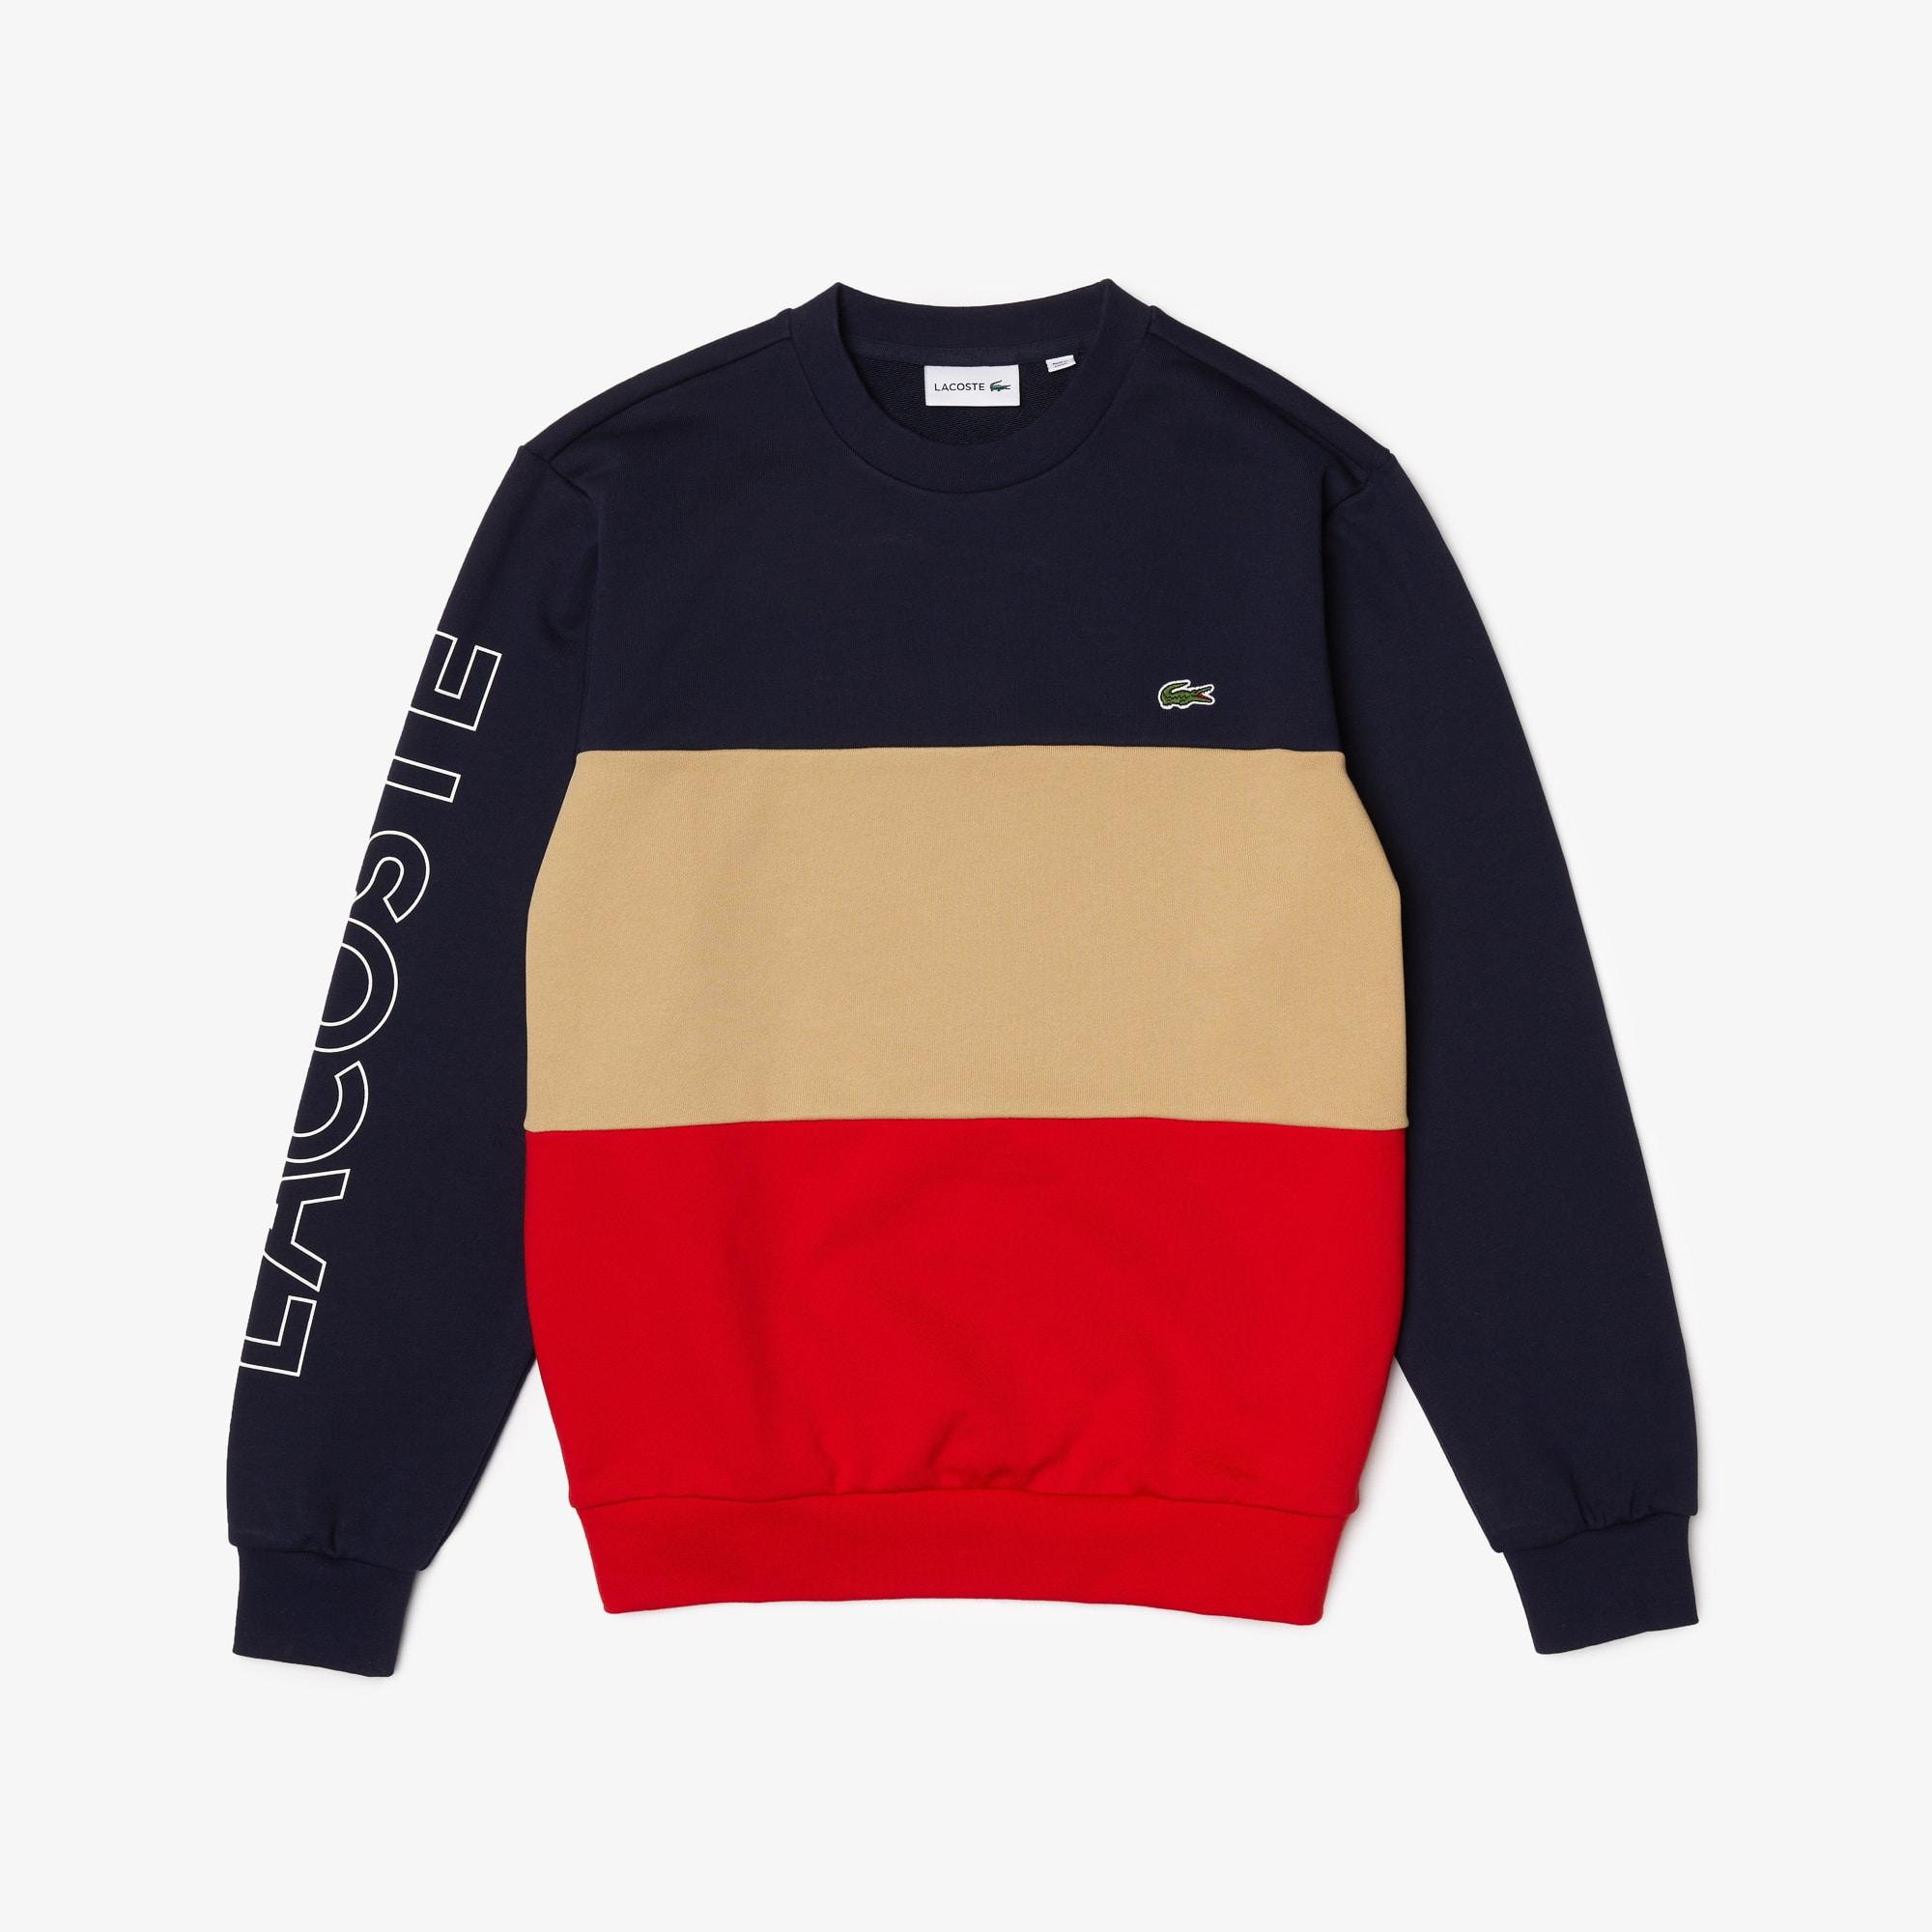 라코스테 맨 컬러블록 맨투맨 Lacoste Men's Crew Neck Lettered Colorblock Fleece Sweatshirt